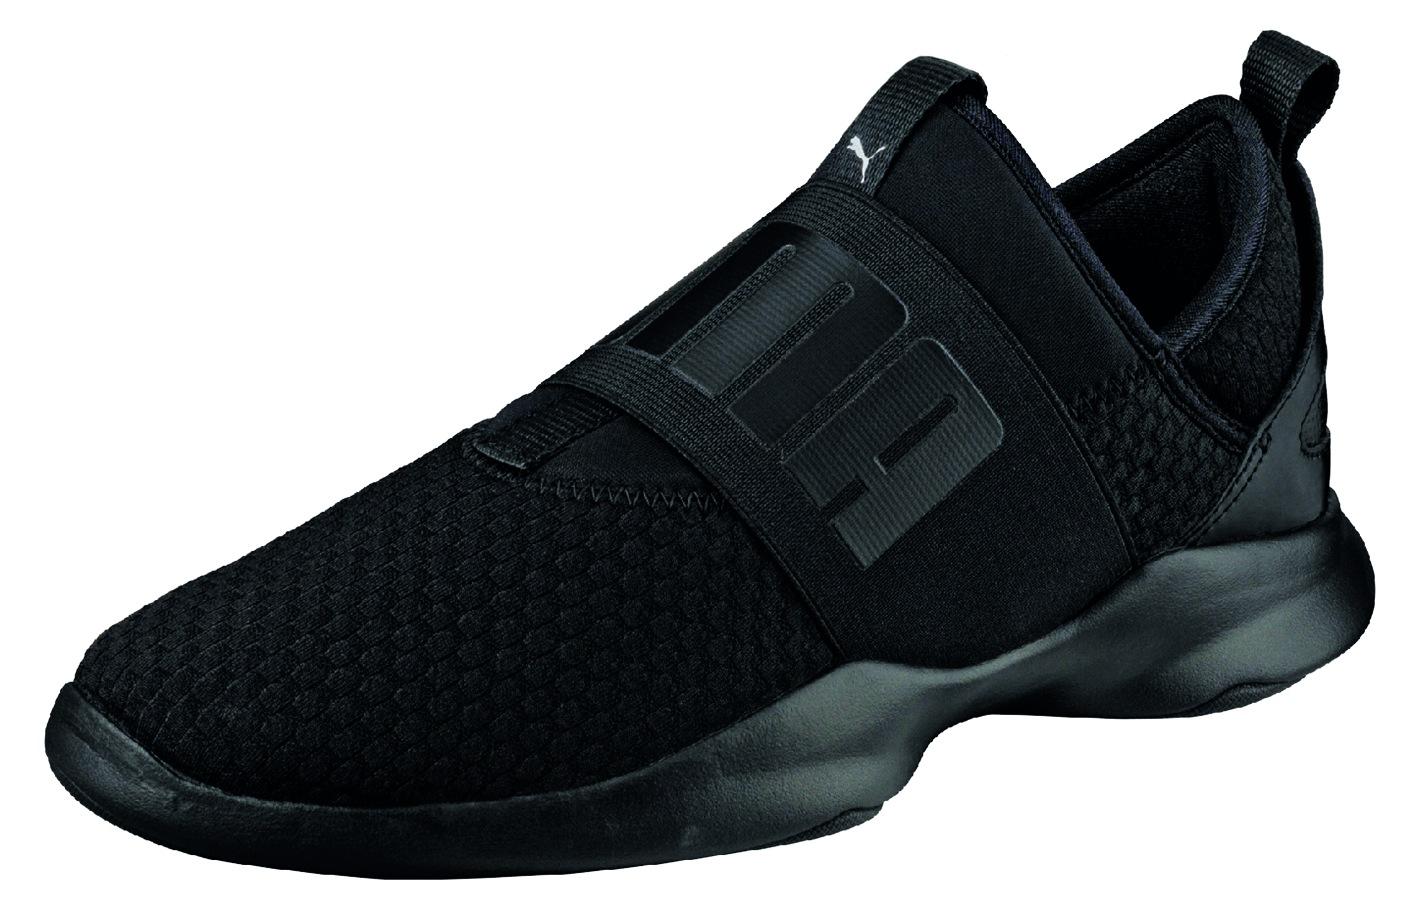 Puma Sport-Freizeit D.Turnschuhe Schwarz 365251 02 schwarz  | Moderner Modus